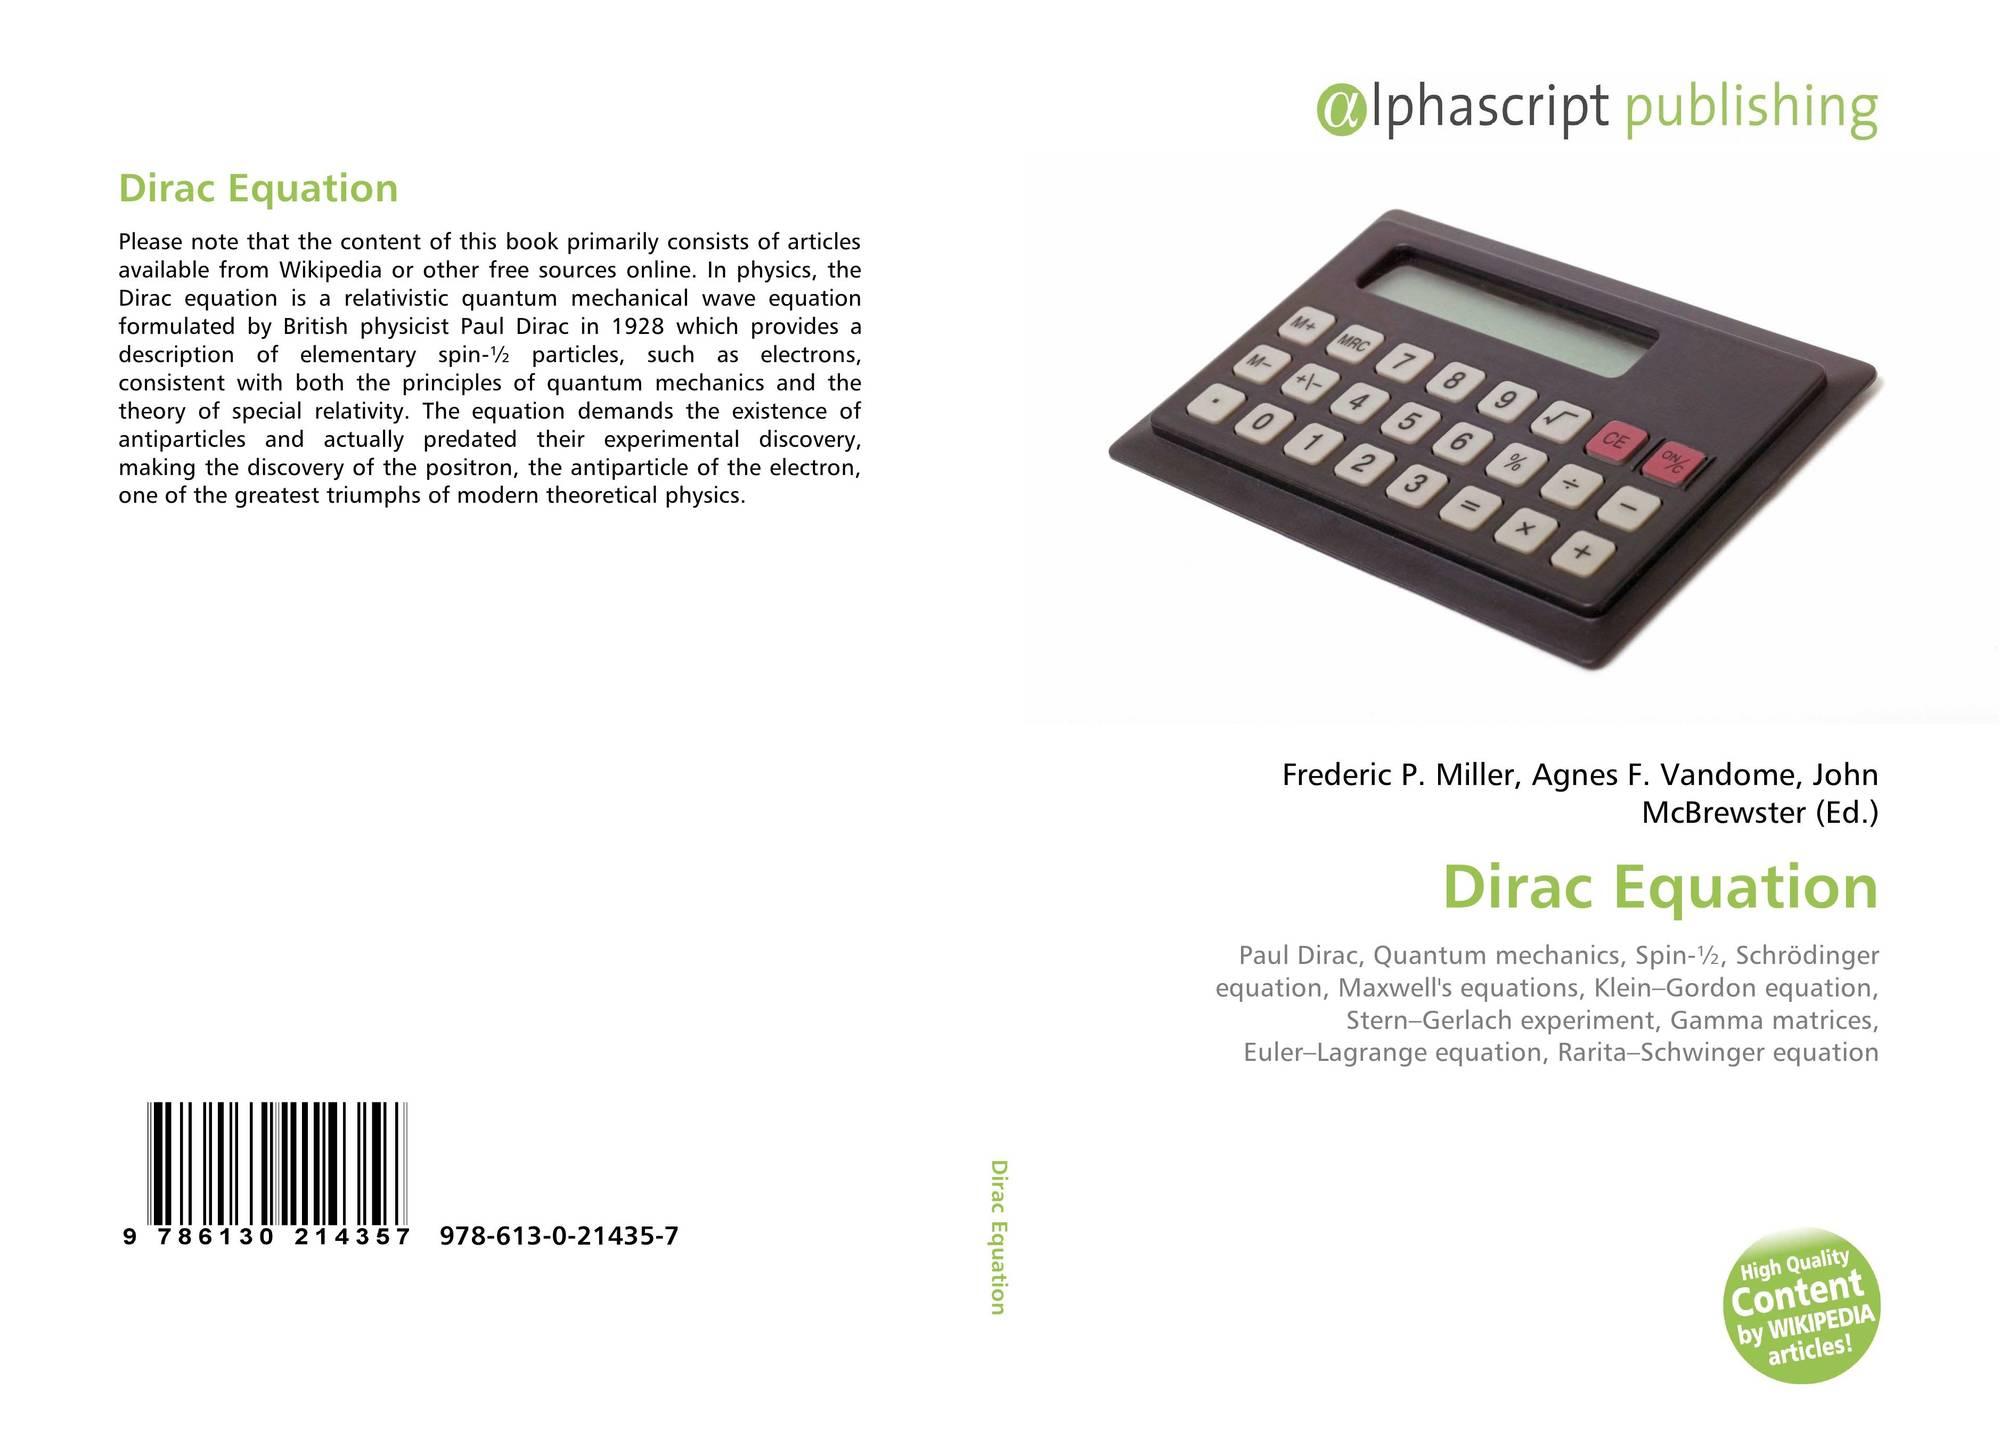 Dirac Equation, 978-613-0-21435-7, 6130214359 ,9786130214357